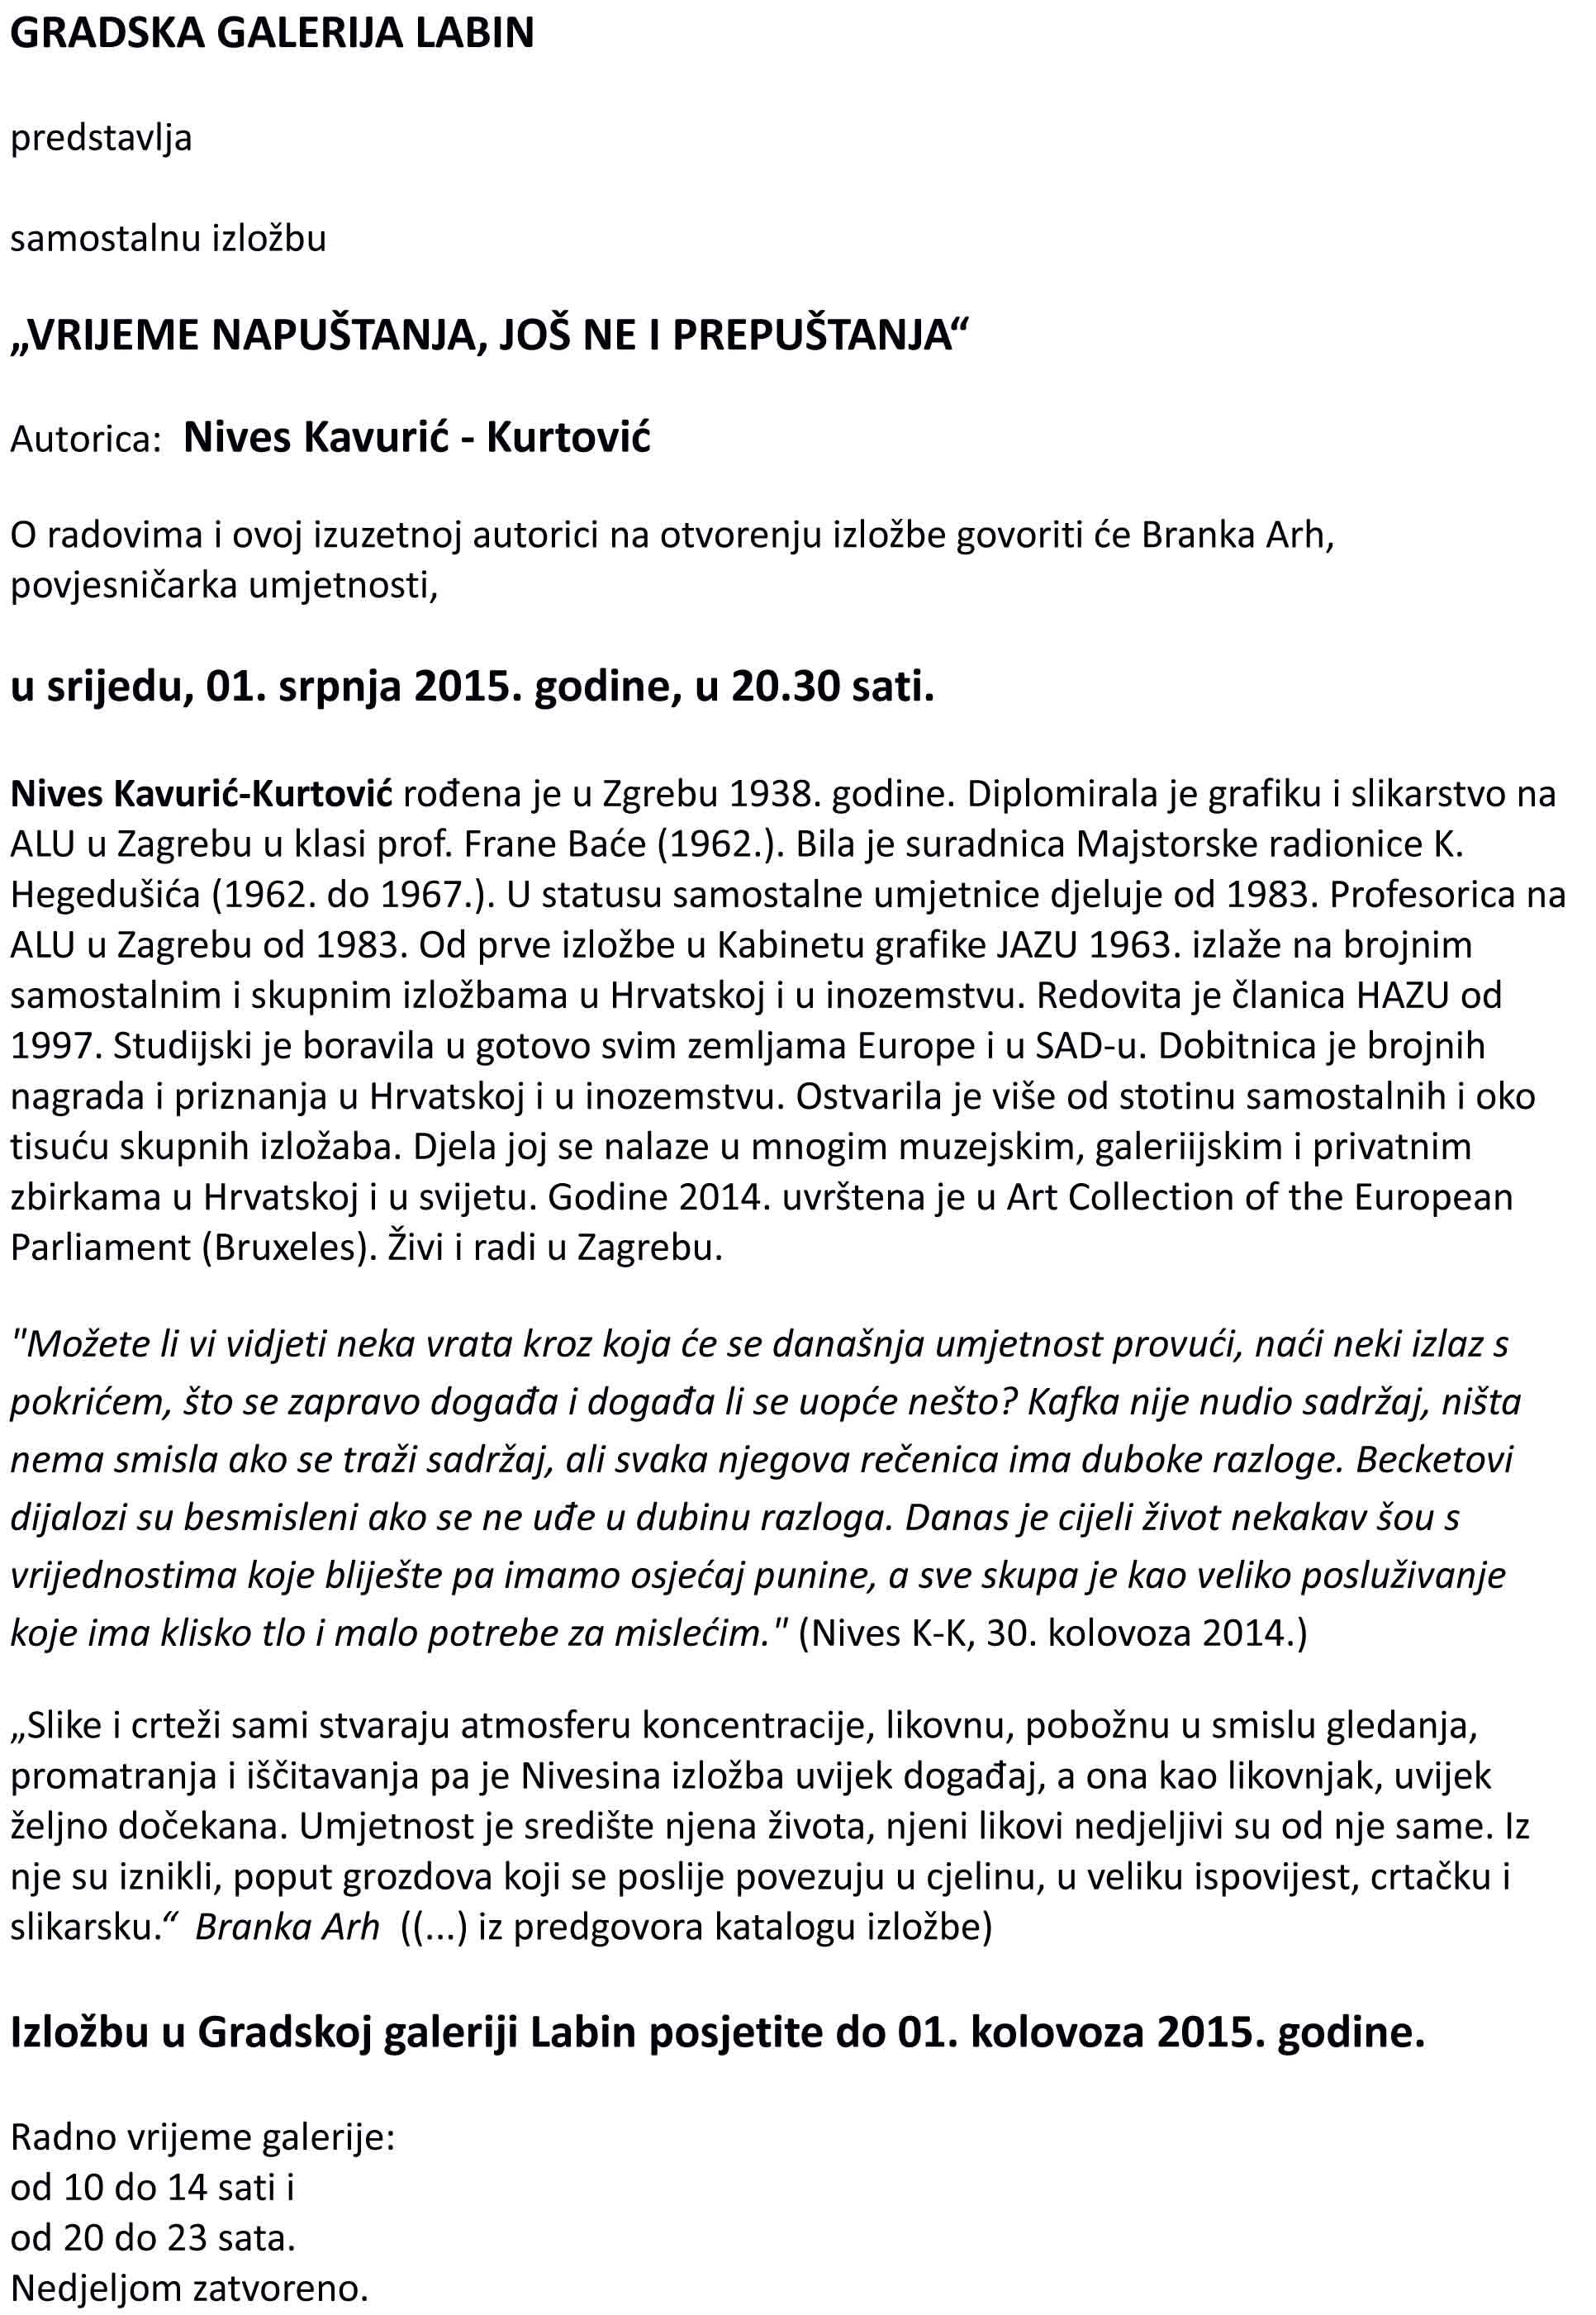 najava Nives KK-1